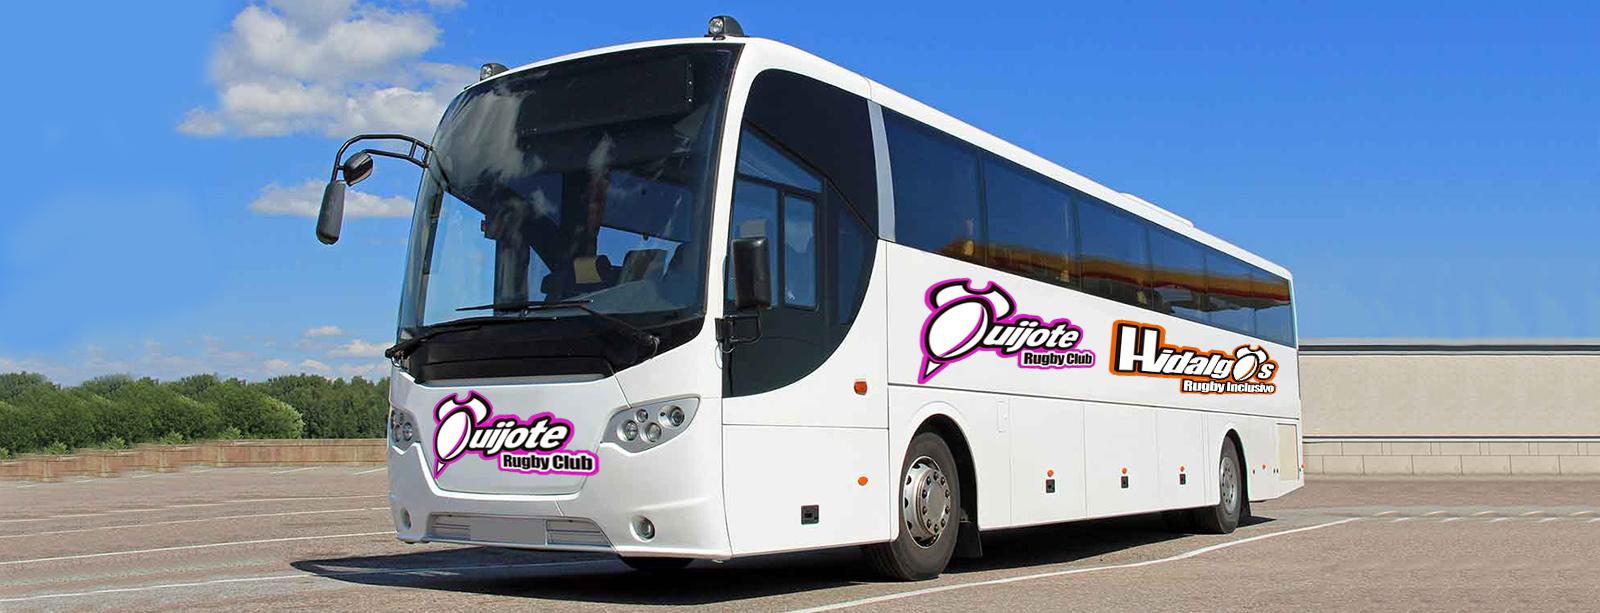 Servicio de autobús para el evento MIXER de rugby inclusivo del 26 de Octubre en la Universidad Complutense